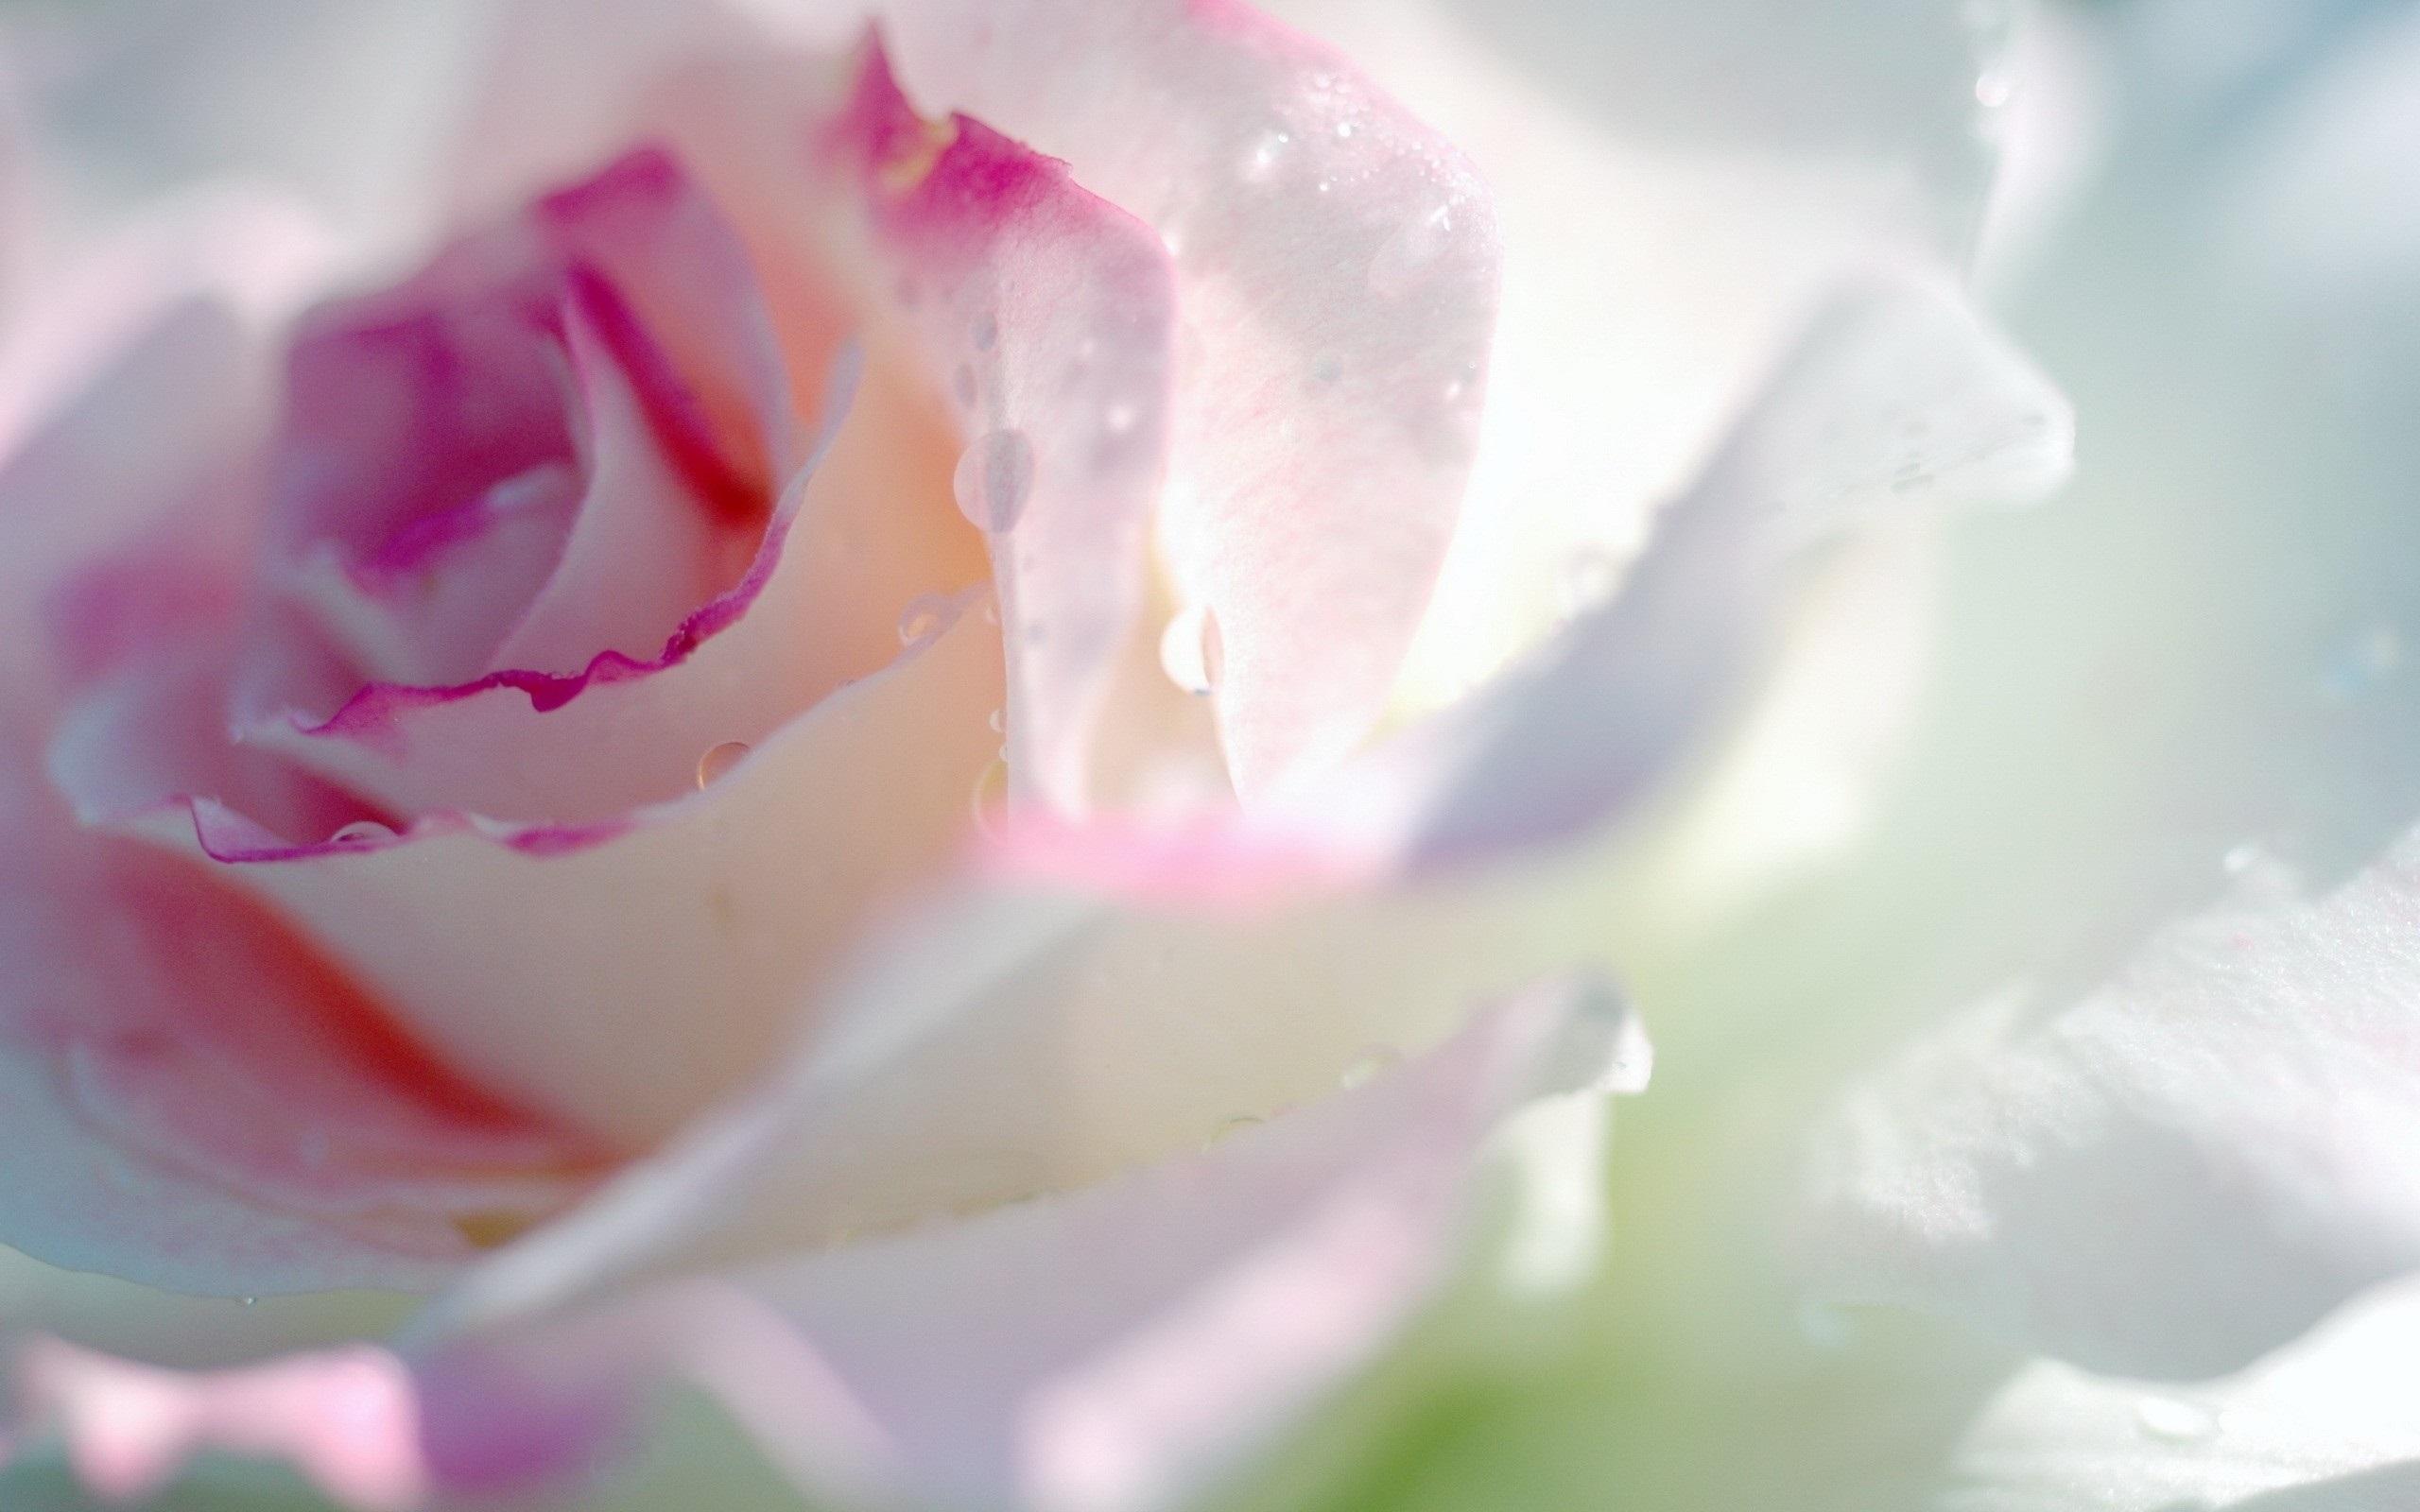 Роса на лепестках розы  № 2451442 загрузить